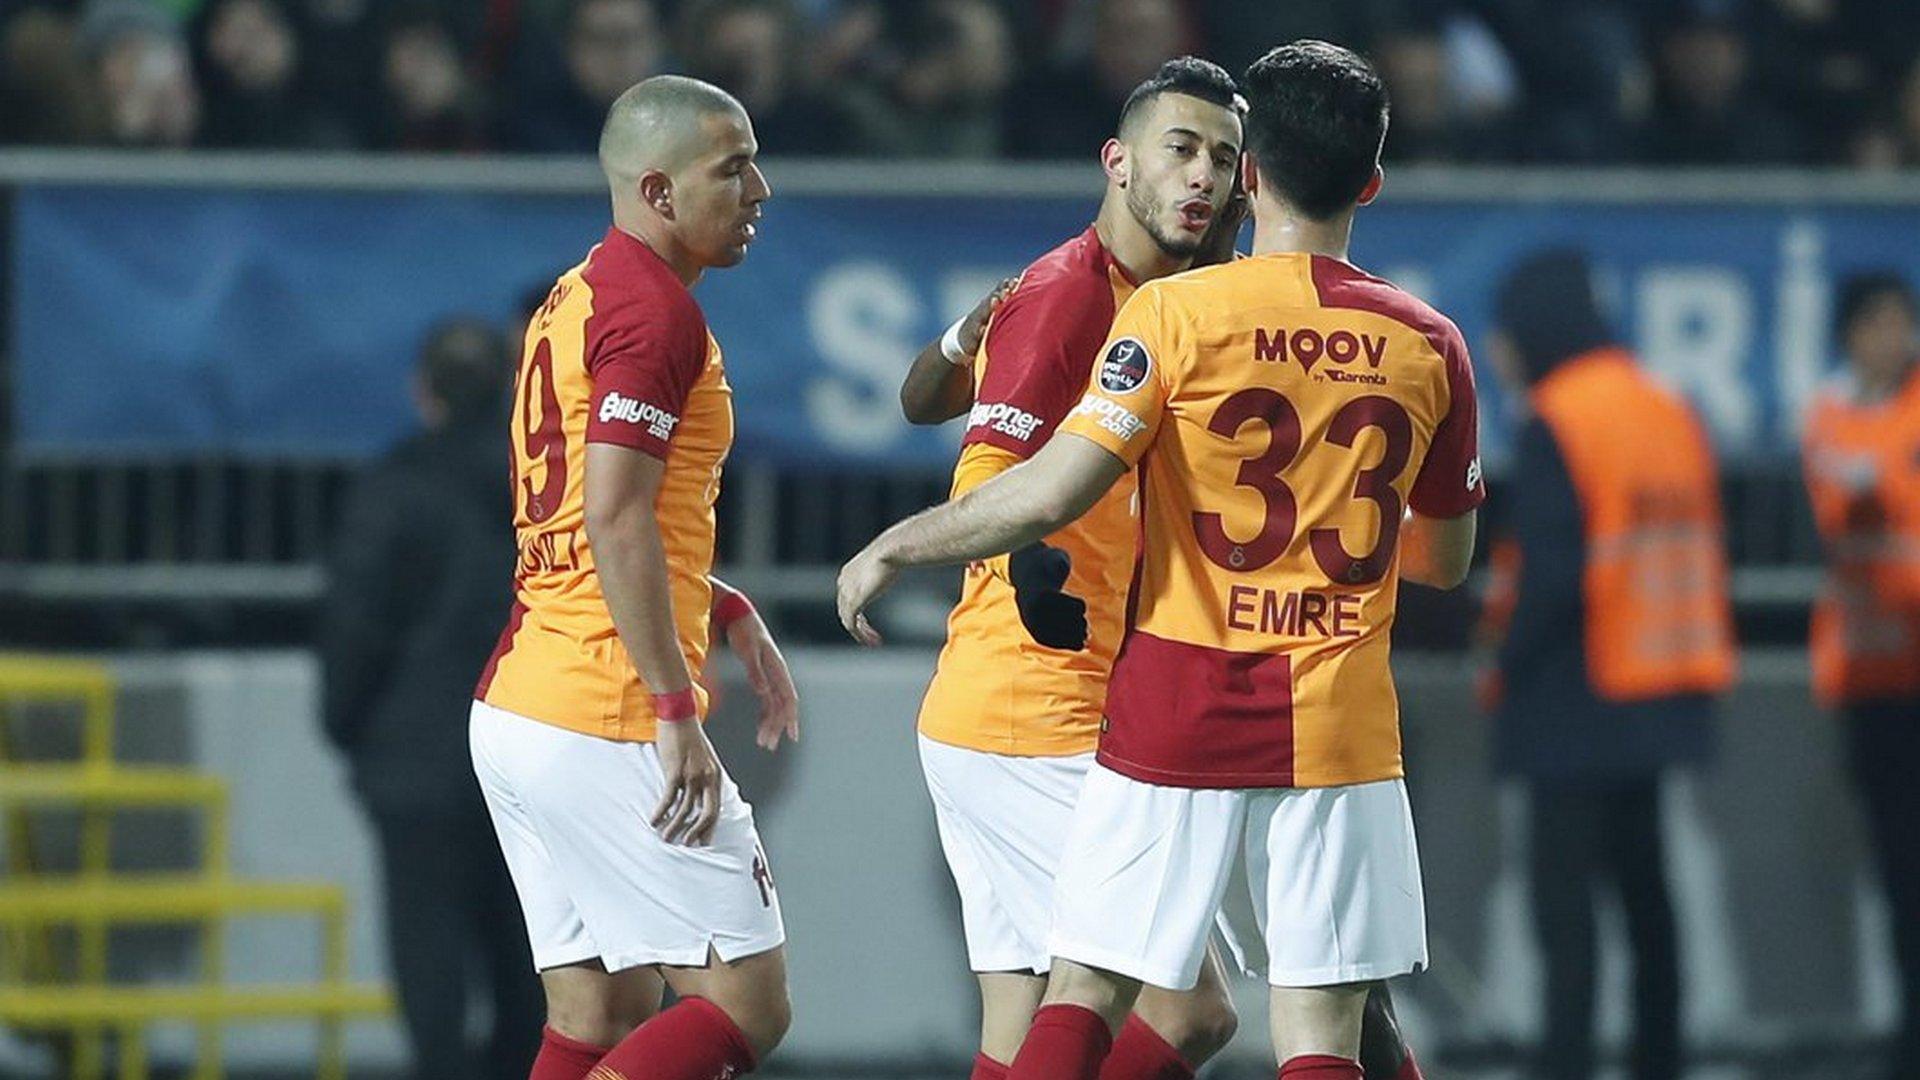 Nigeria's Sekidika opens Galatasaray goal account as Belhanda and Feghouli complete Denizlispor rout